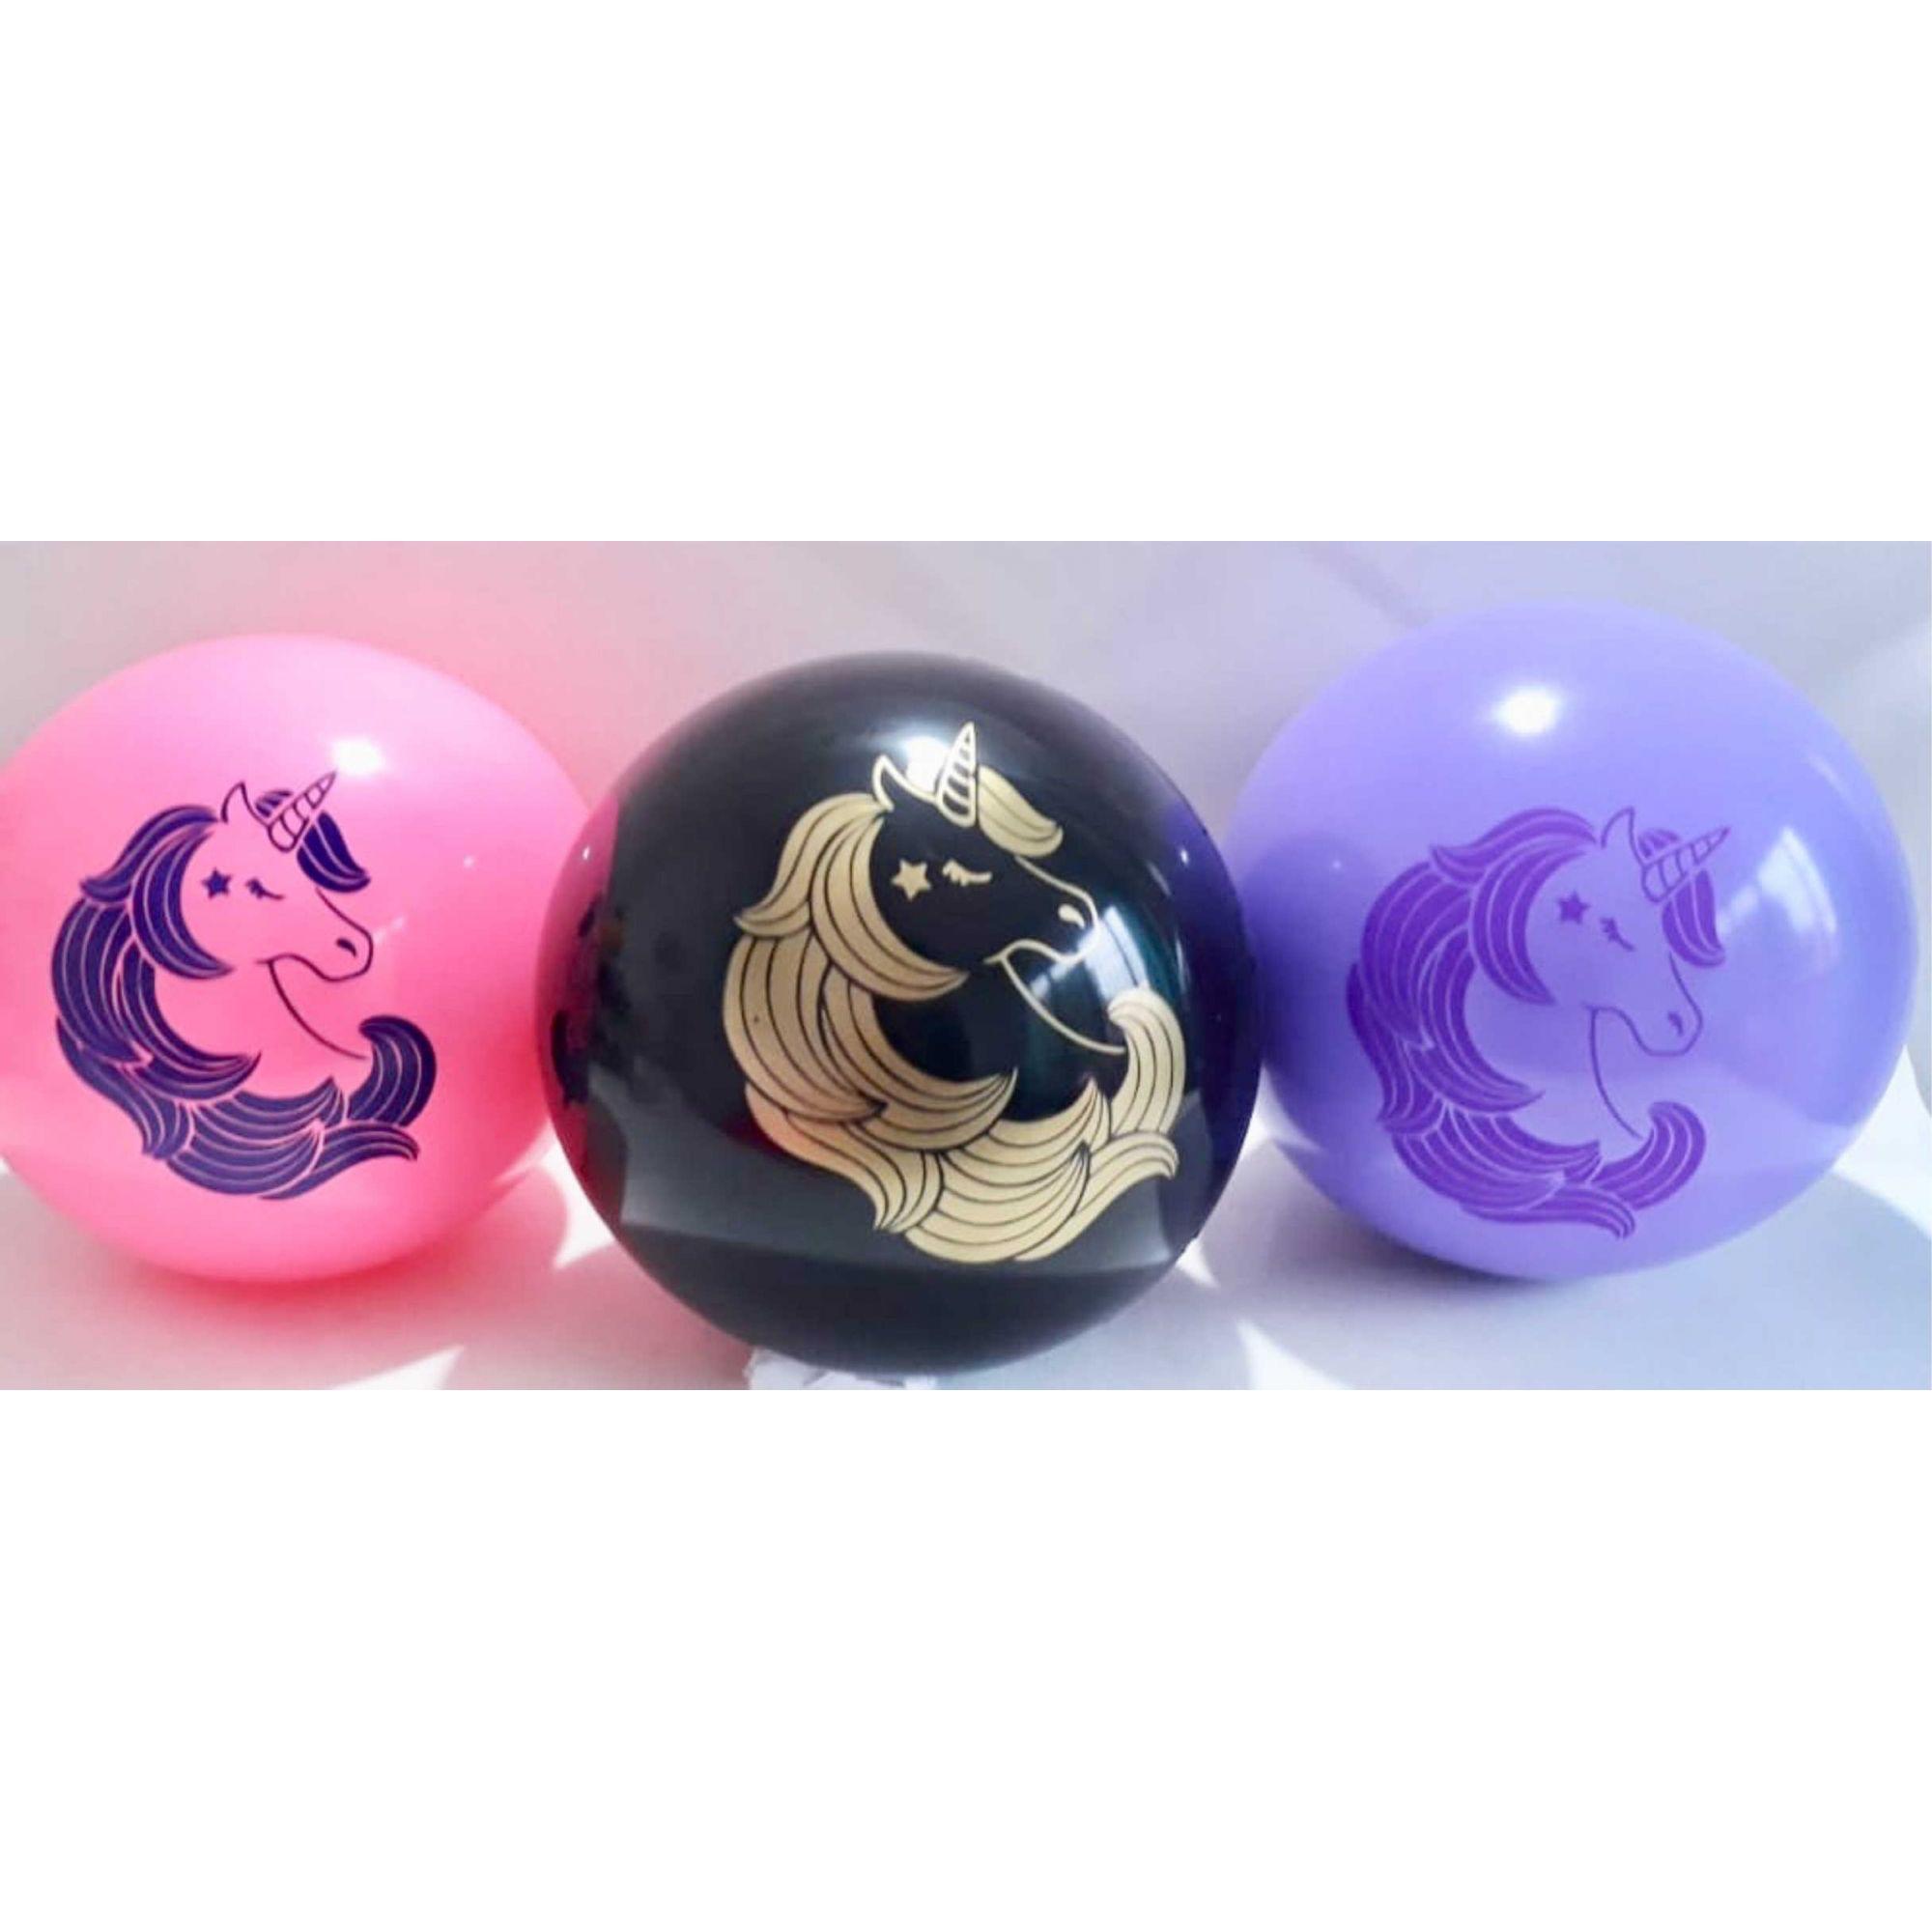 Bola de vinil Temática - 30 cm diâmetro- Kit com 10 unidades  - Bolas Lassabia - Bolas e Brindes Personalizados